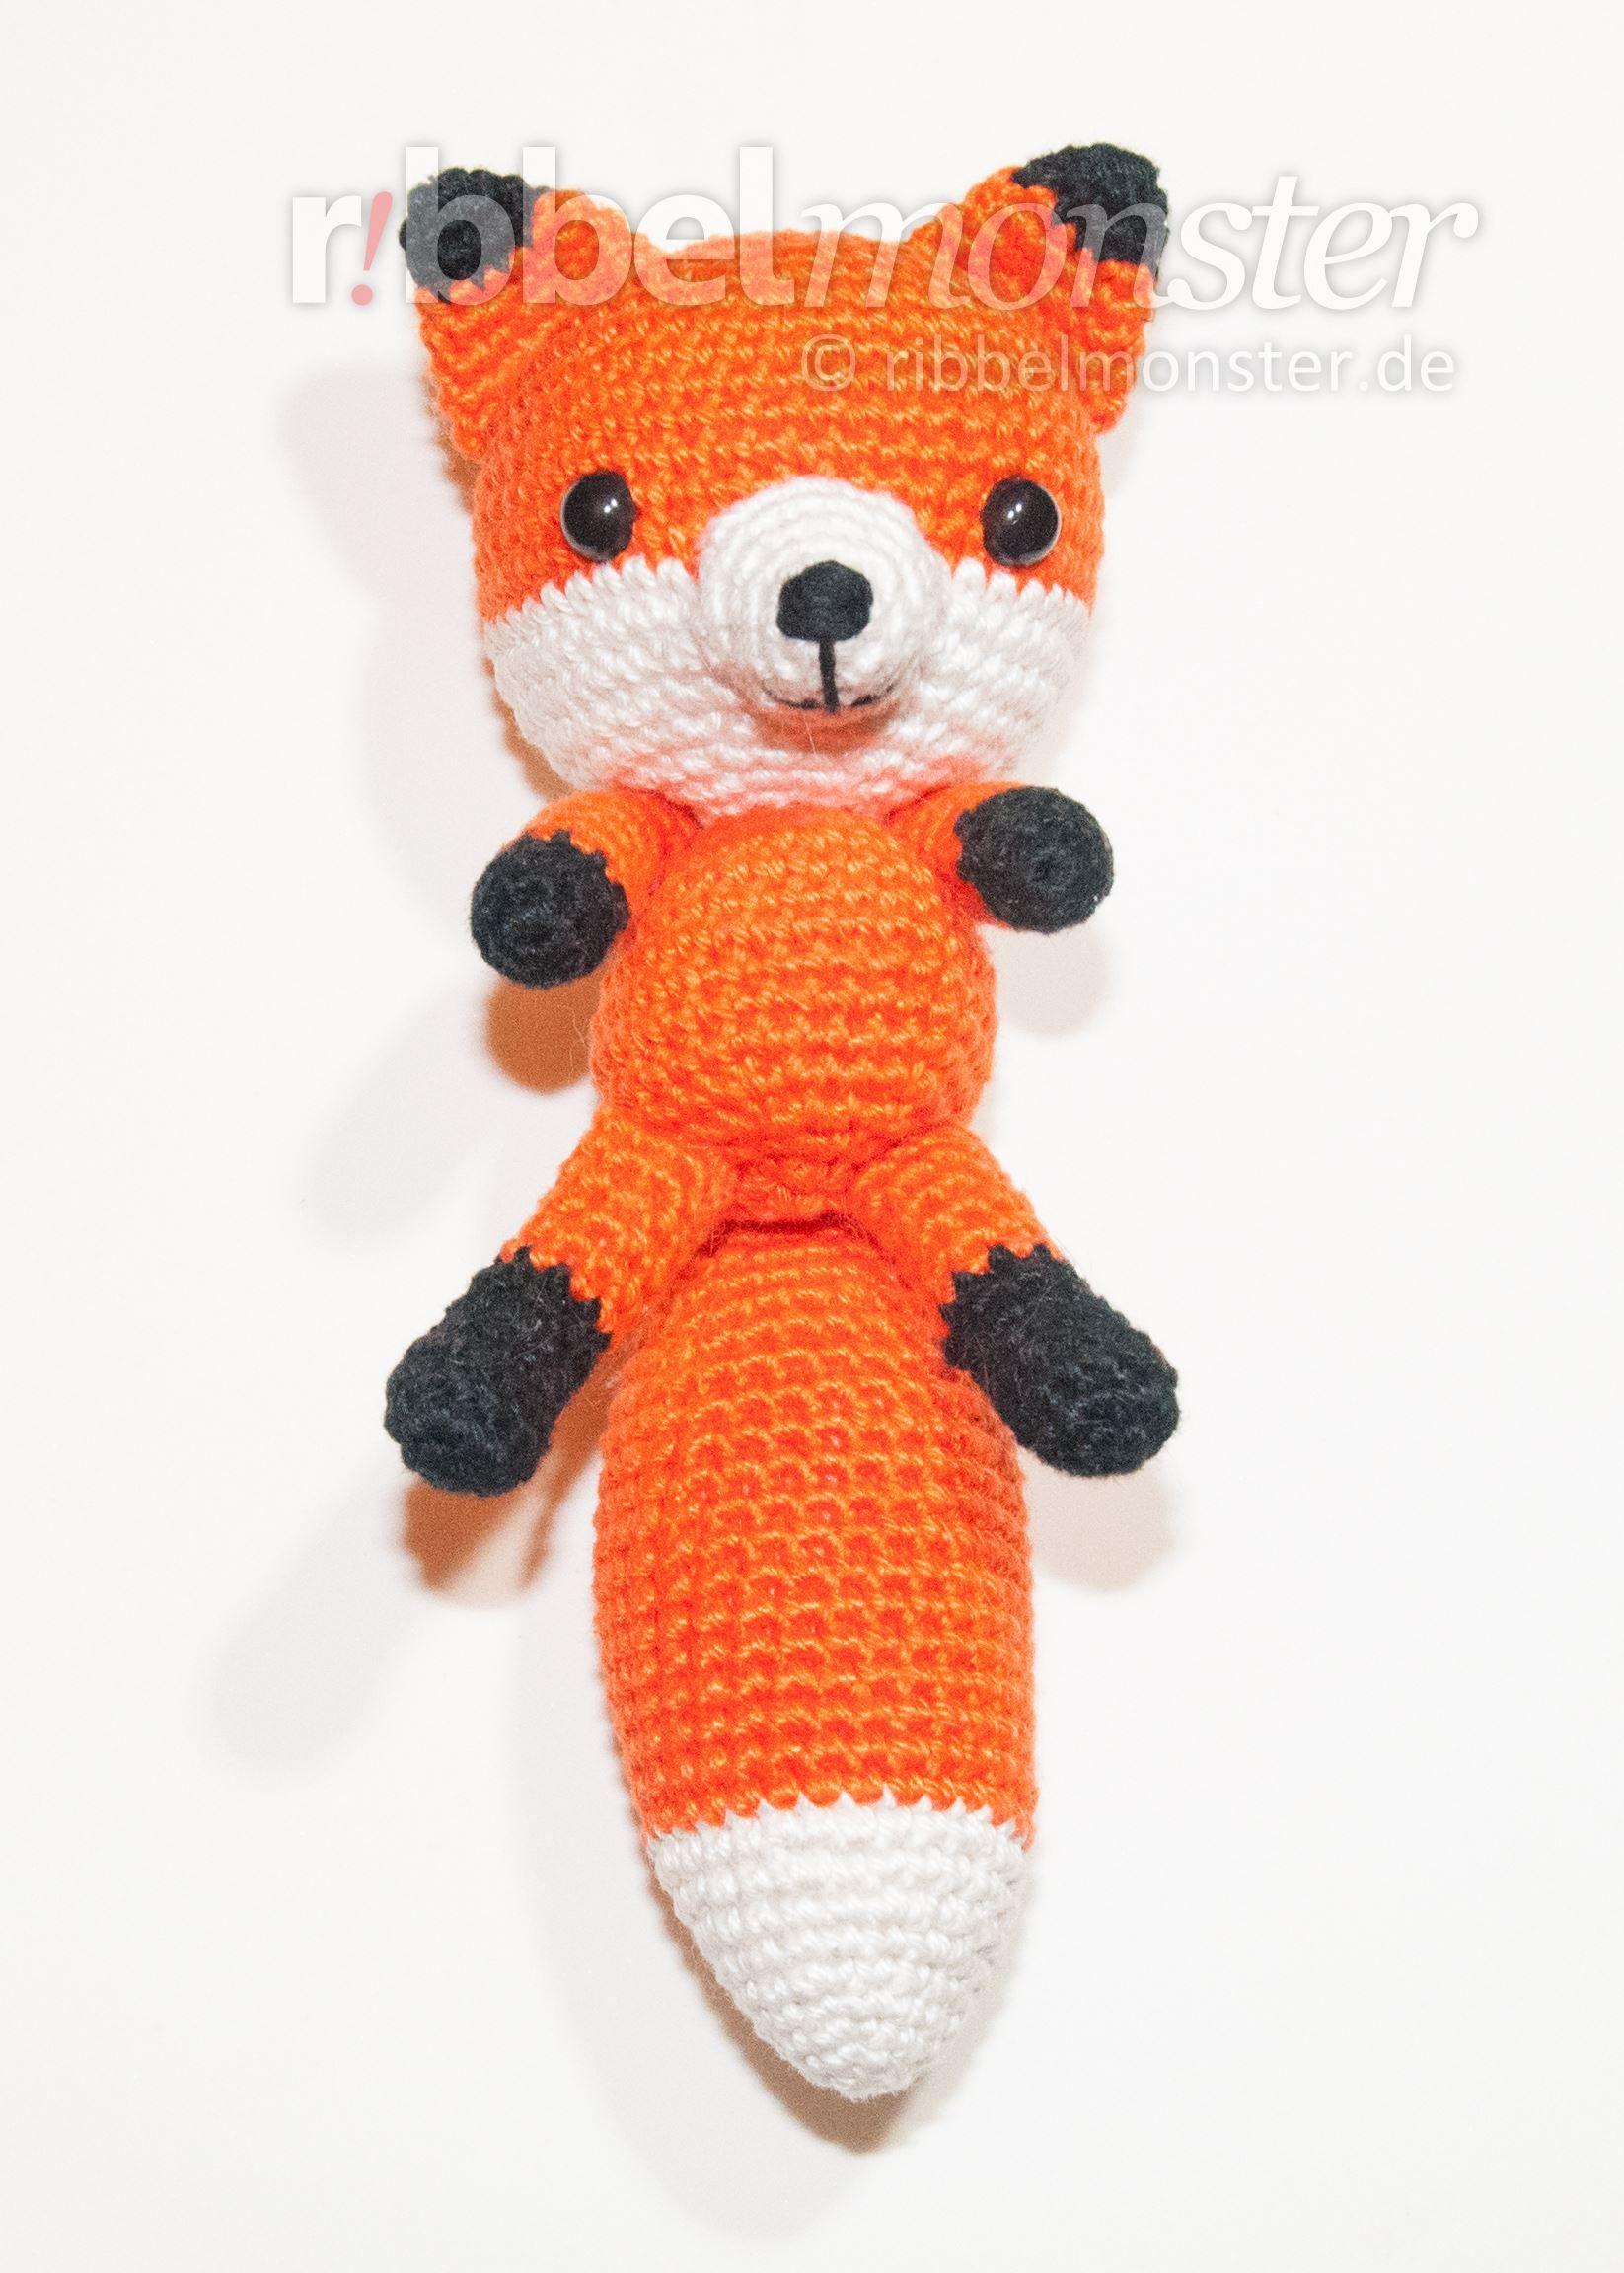 Amigurumi - schlauen Fuchs häkeln - kostenlose Anleitung … | Pinteres…